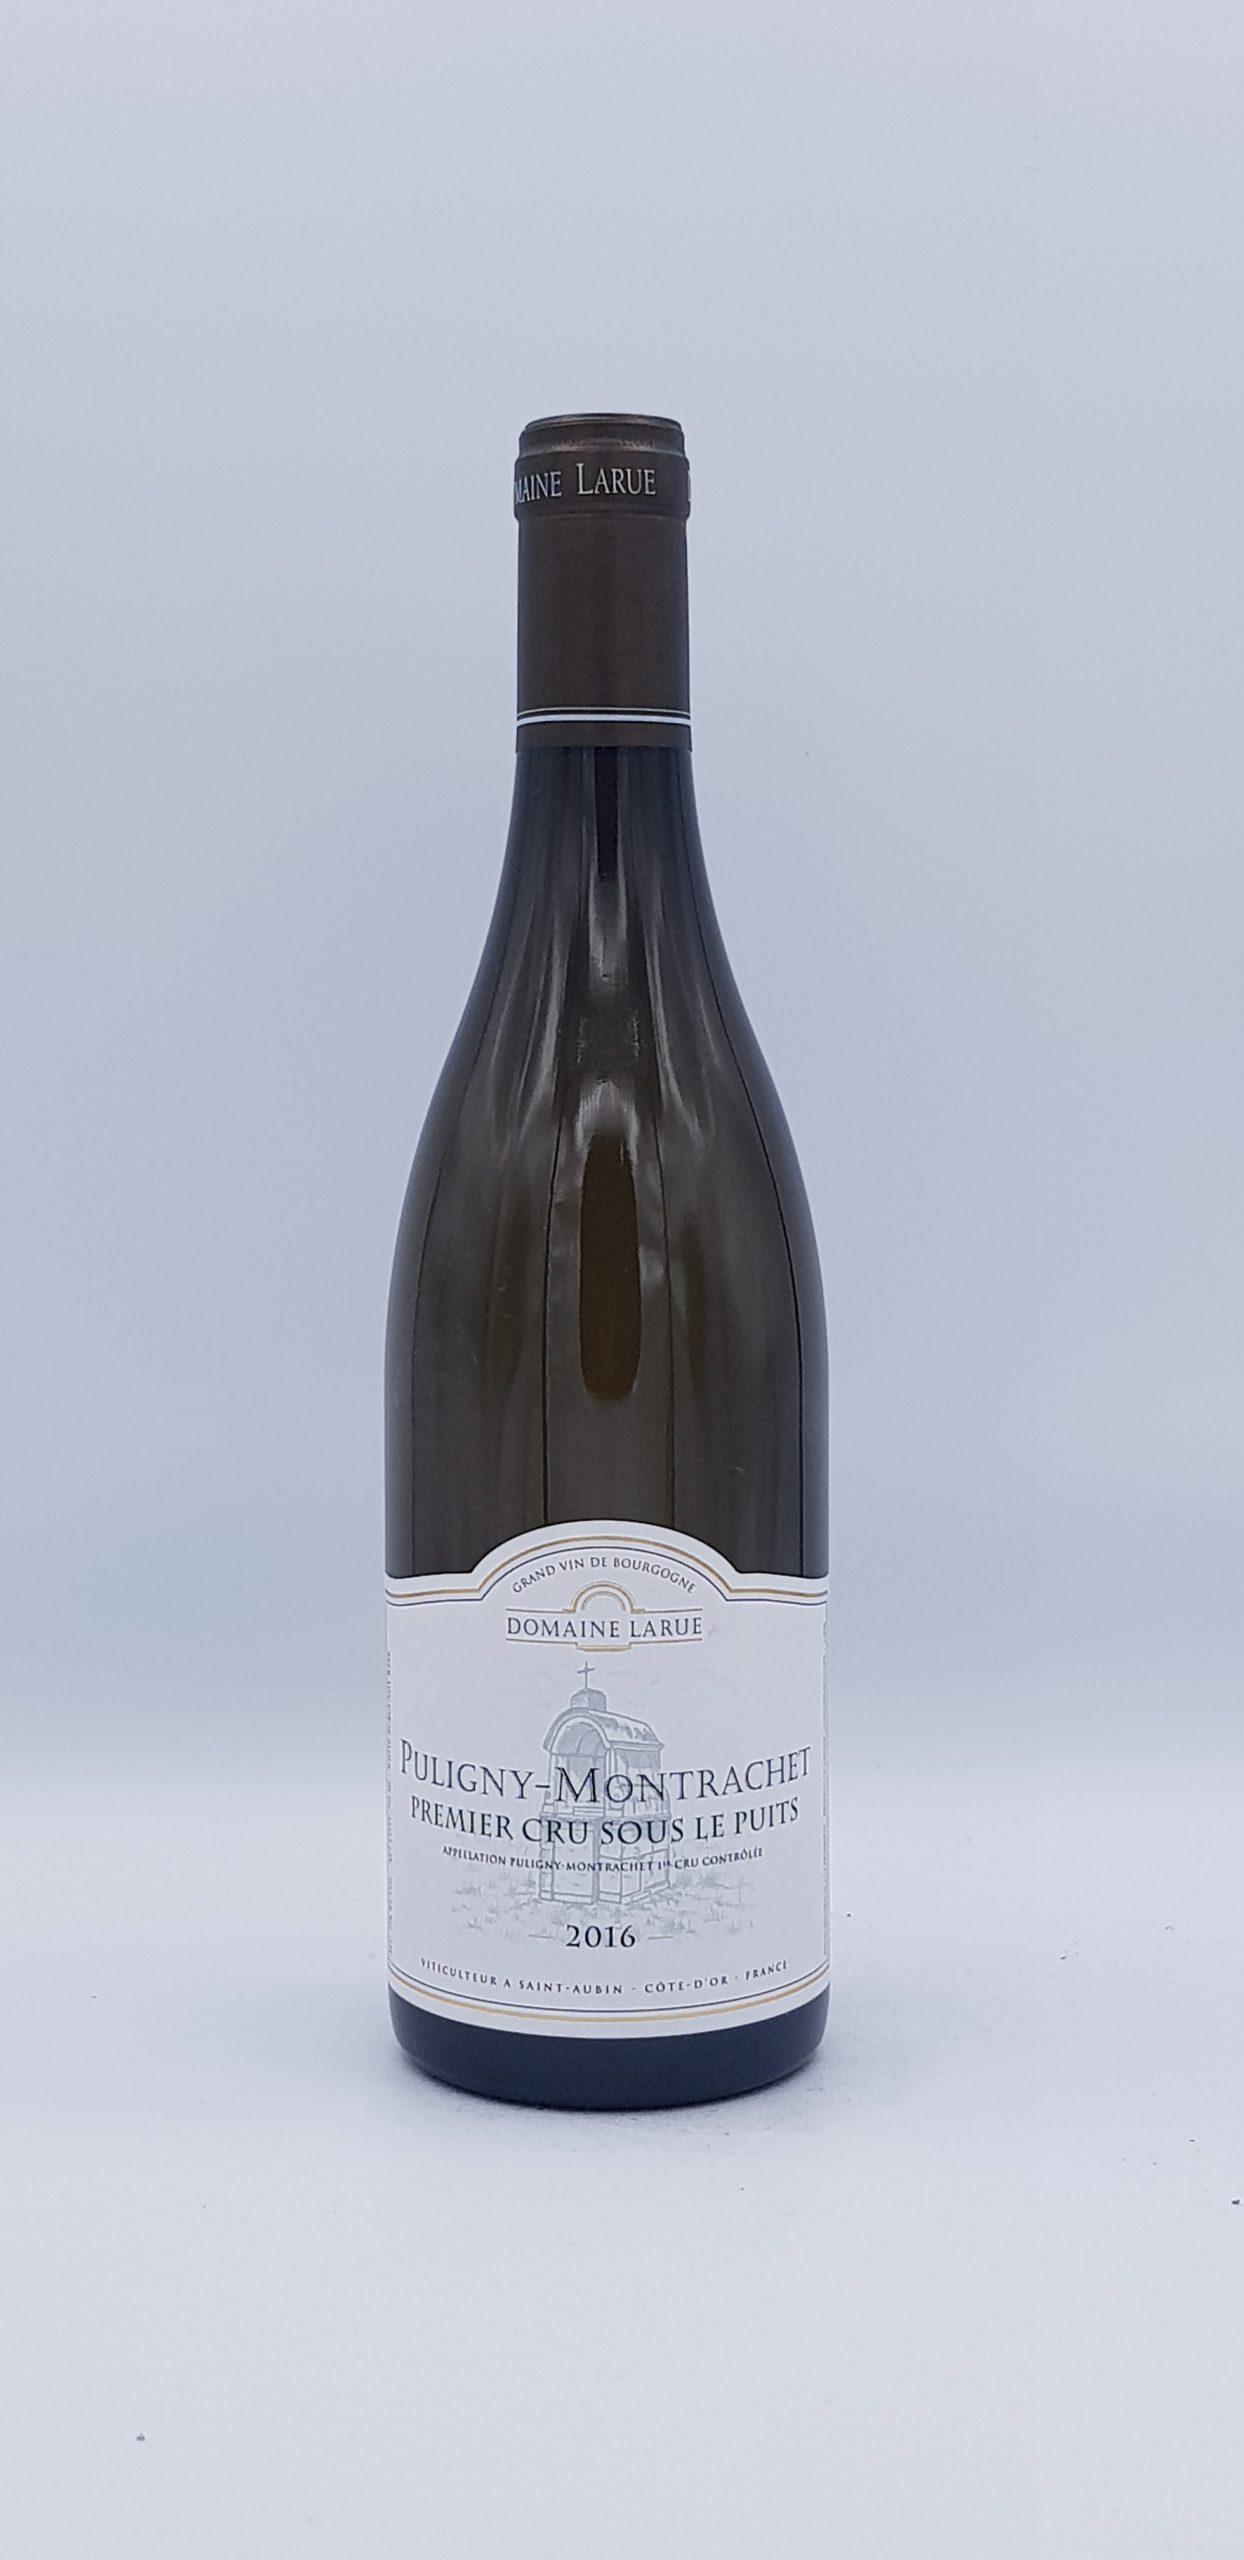 """Puligny Montrachet 1er Cru """"Sous Le Puits"""" 2016 Blanc"""